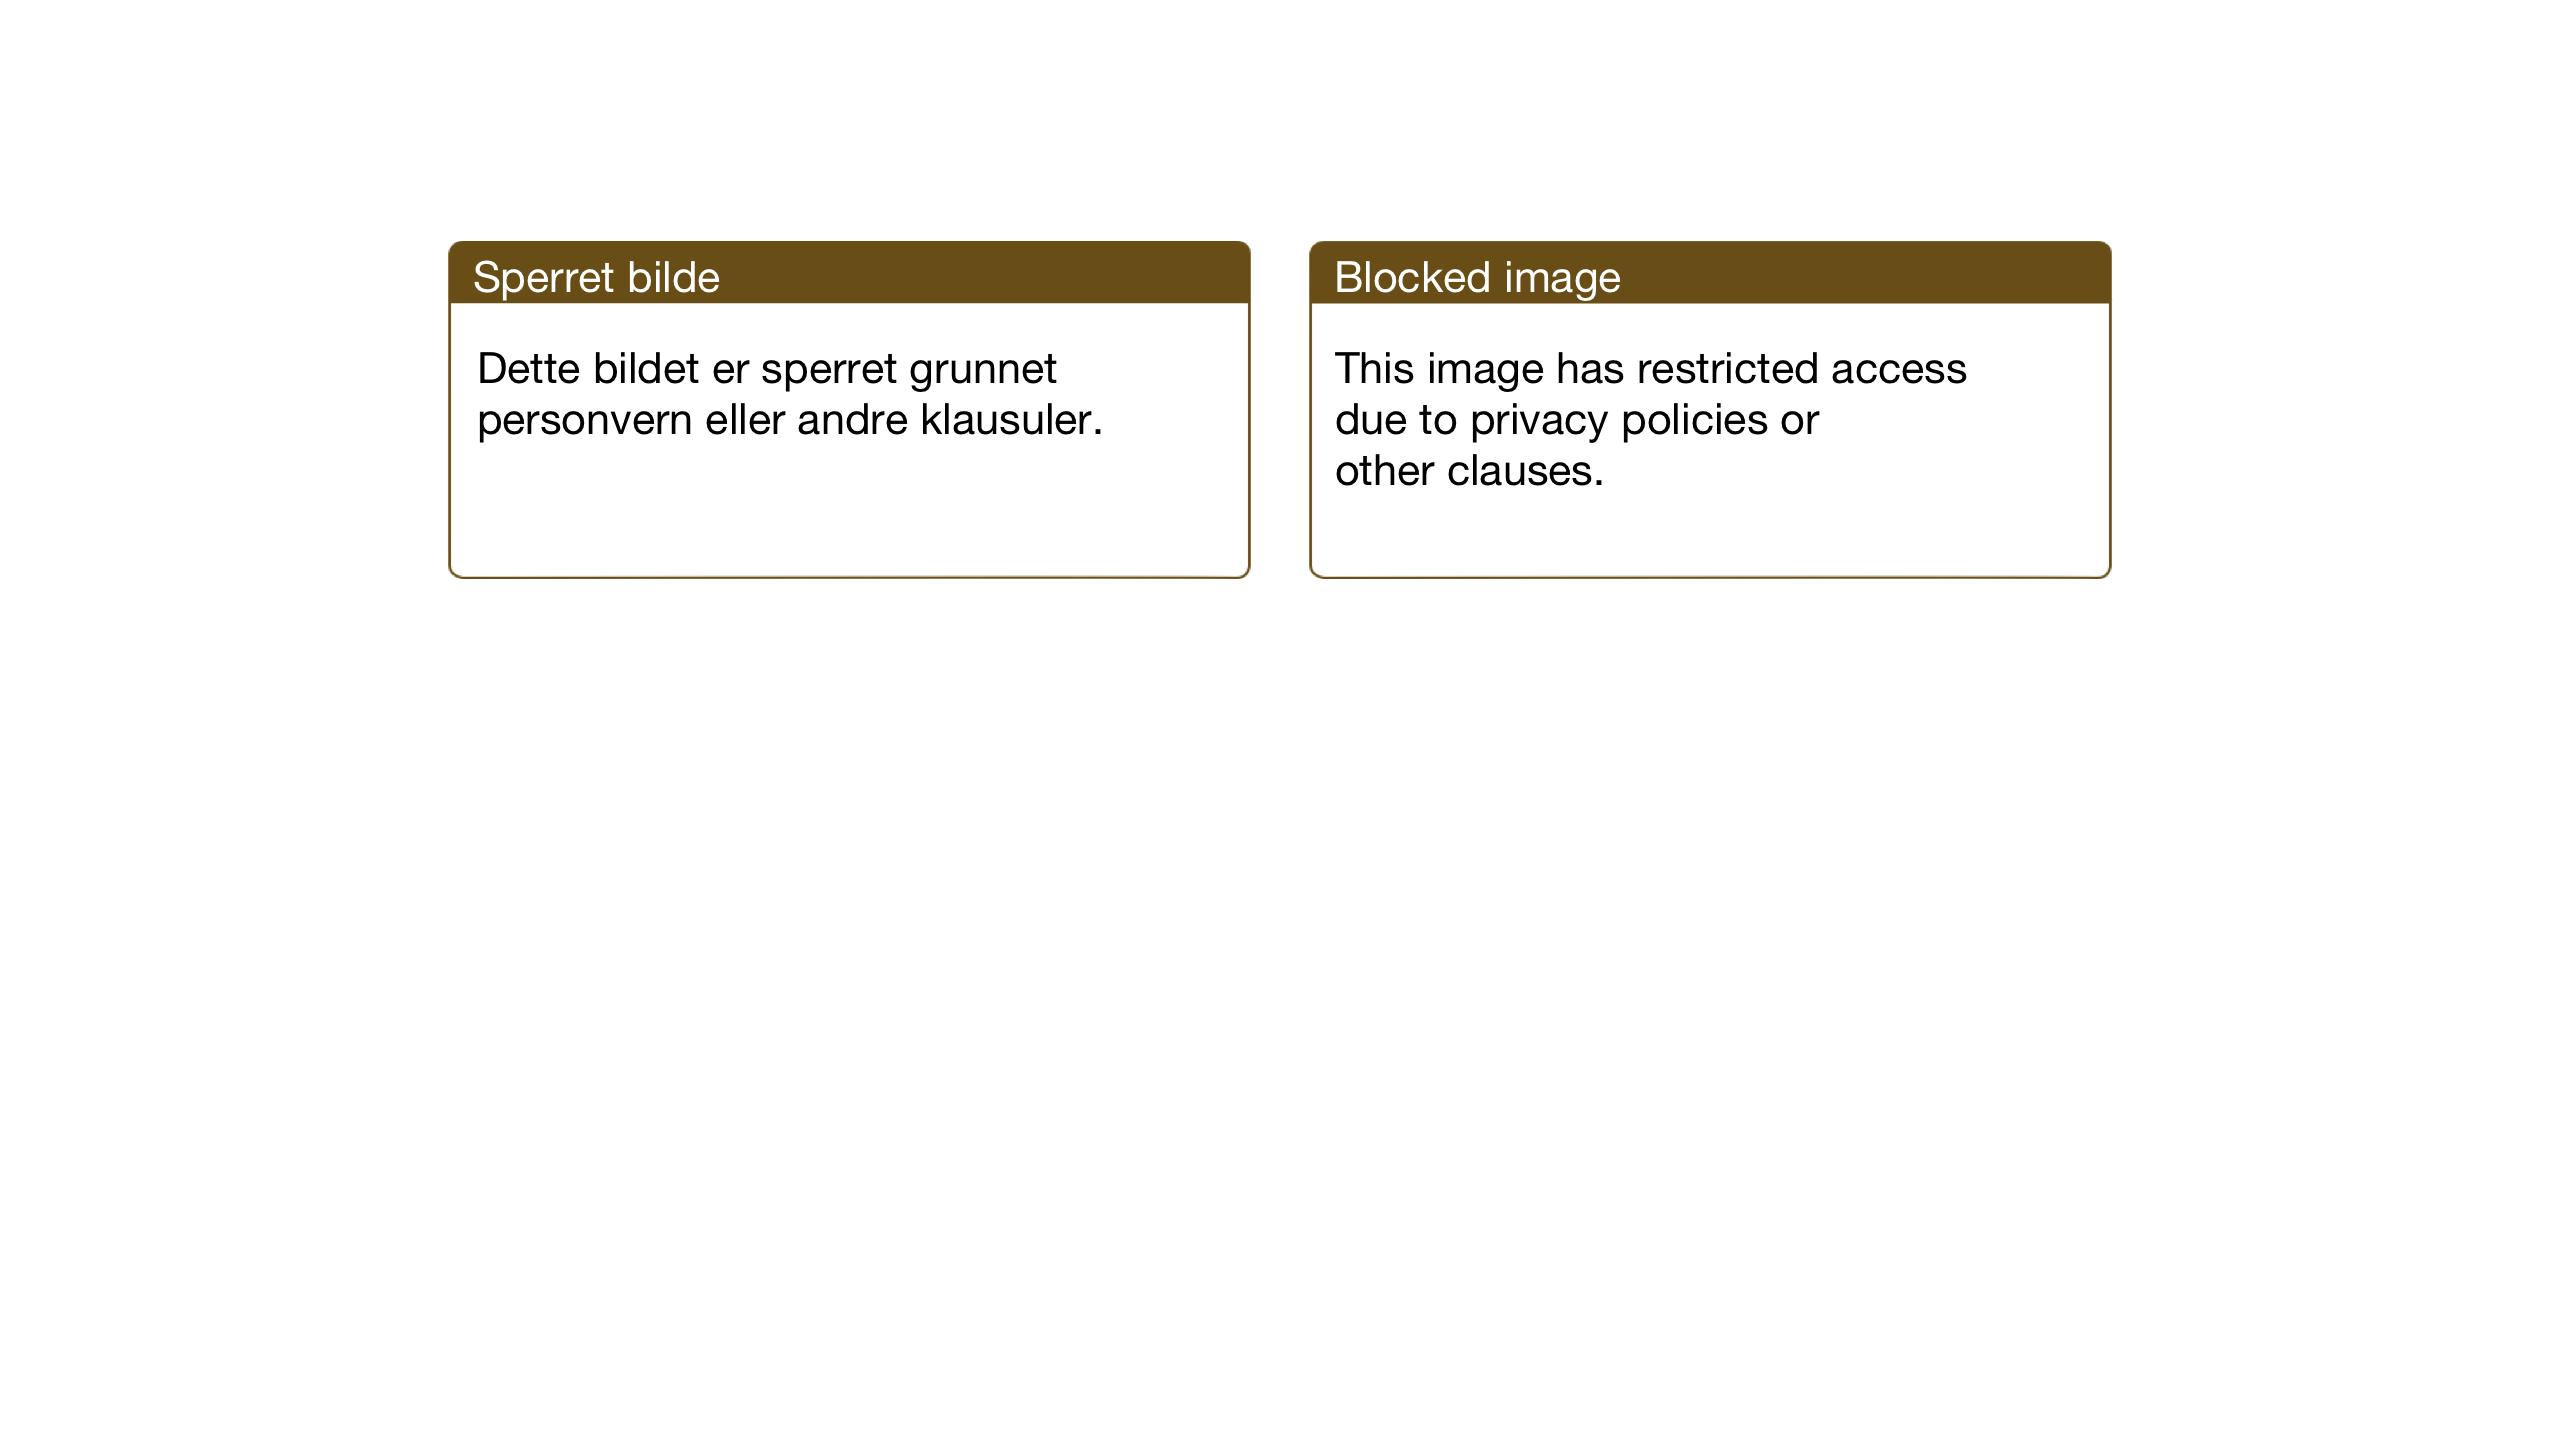 SAT, Ministerialprotokoller, klokkerbøker og fødselsregistre - Sør-Trøndelag, 681/L0944: Klokkerbok nr. 681C08, 1926-1954, s. 38